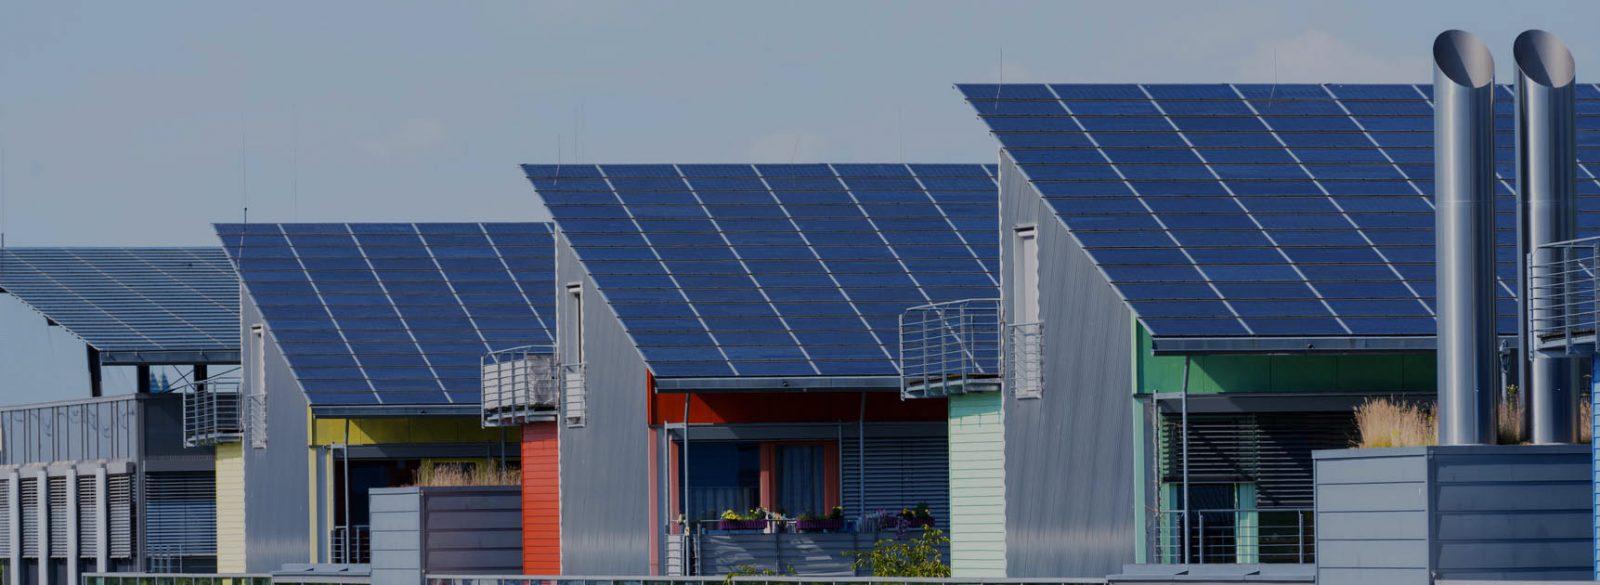 Barcelona, hacia la transición energética. Jornada Internacional de Intercambio